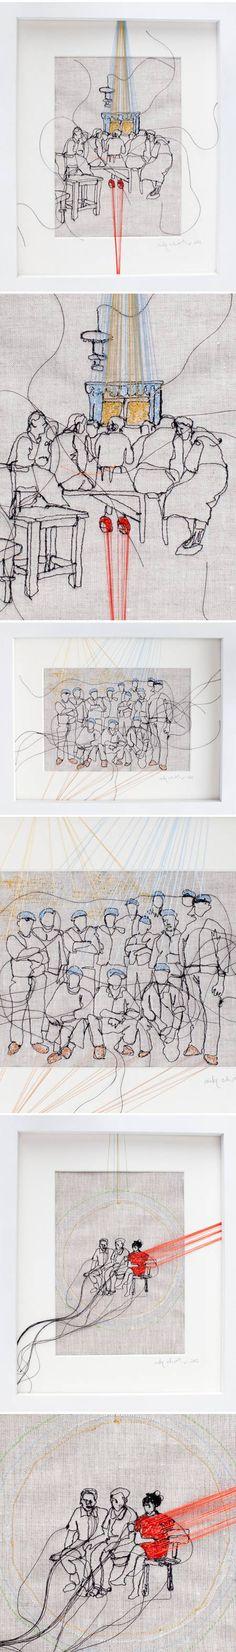 BRODERIE (c) Nike Schroeder  « Tout tient à un fil, on est toujours en péril. » Alberto Giacometti